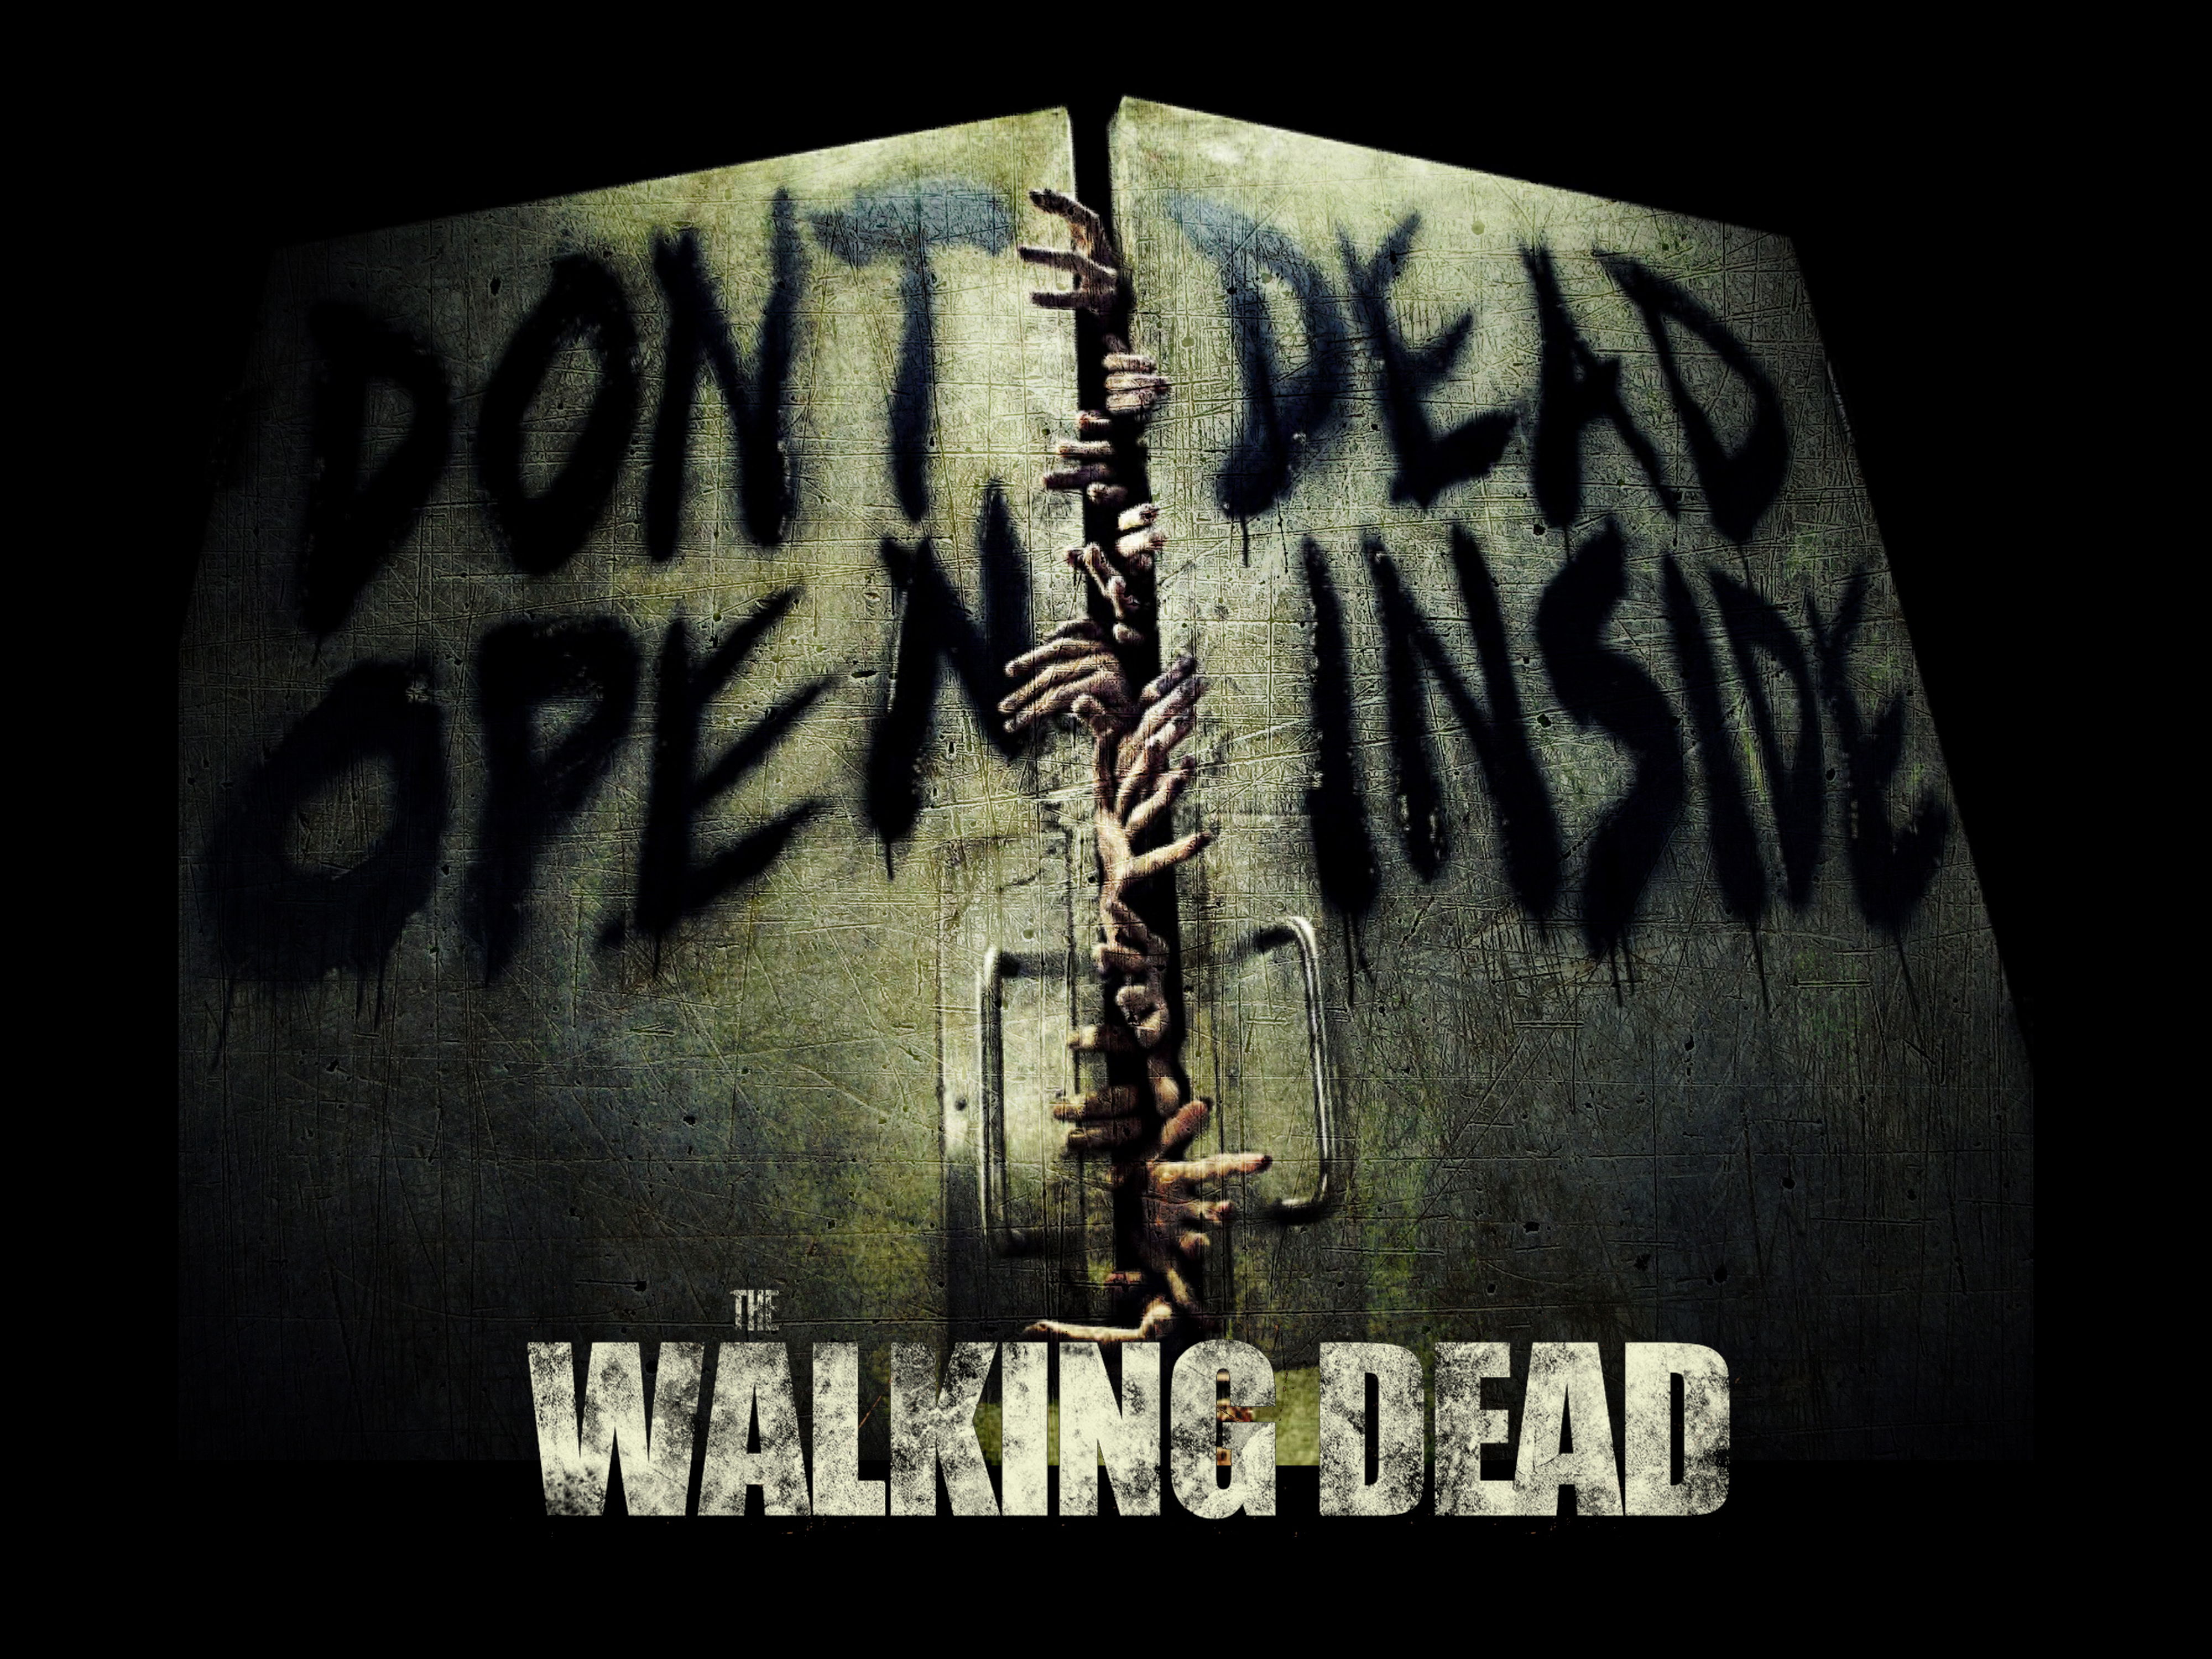 The Walking Dead wallpaper the walking dead 013jpg 4000x3000